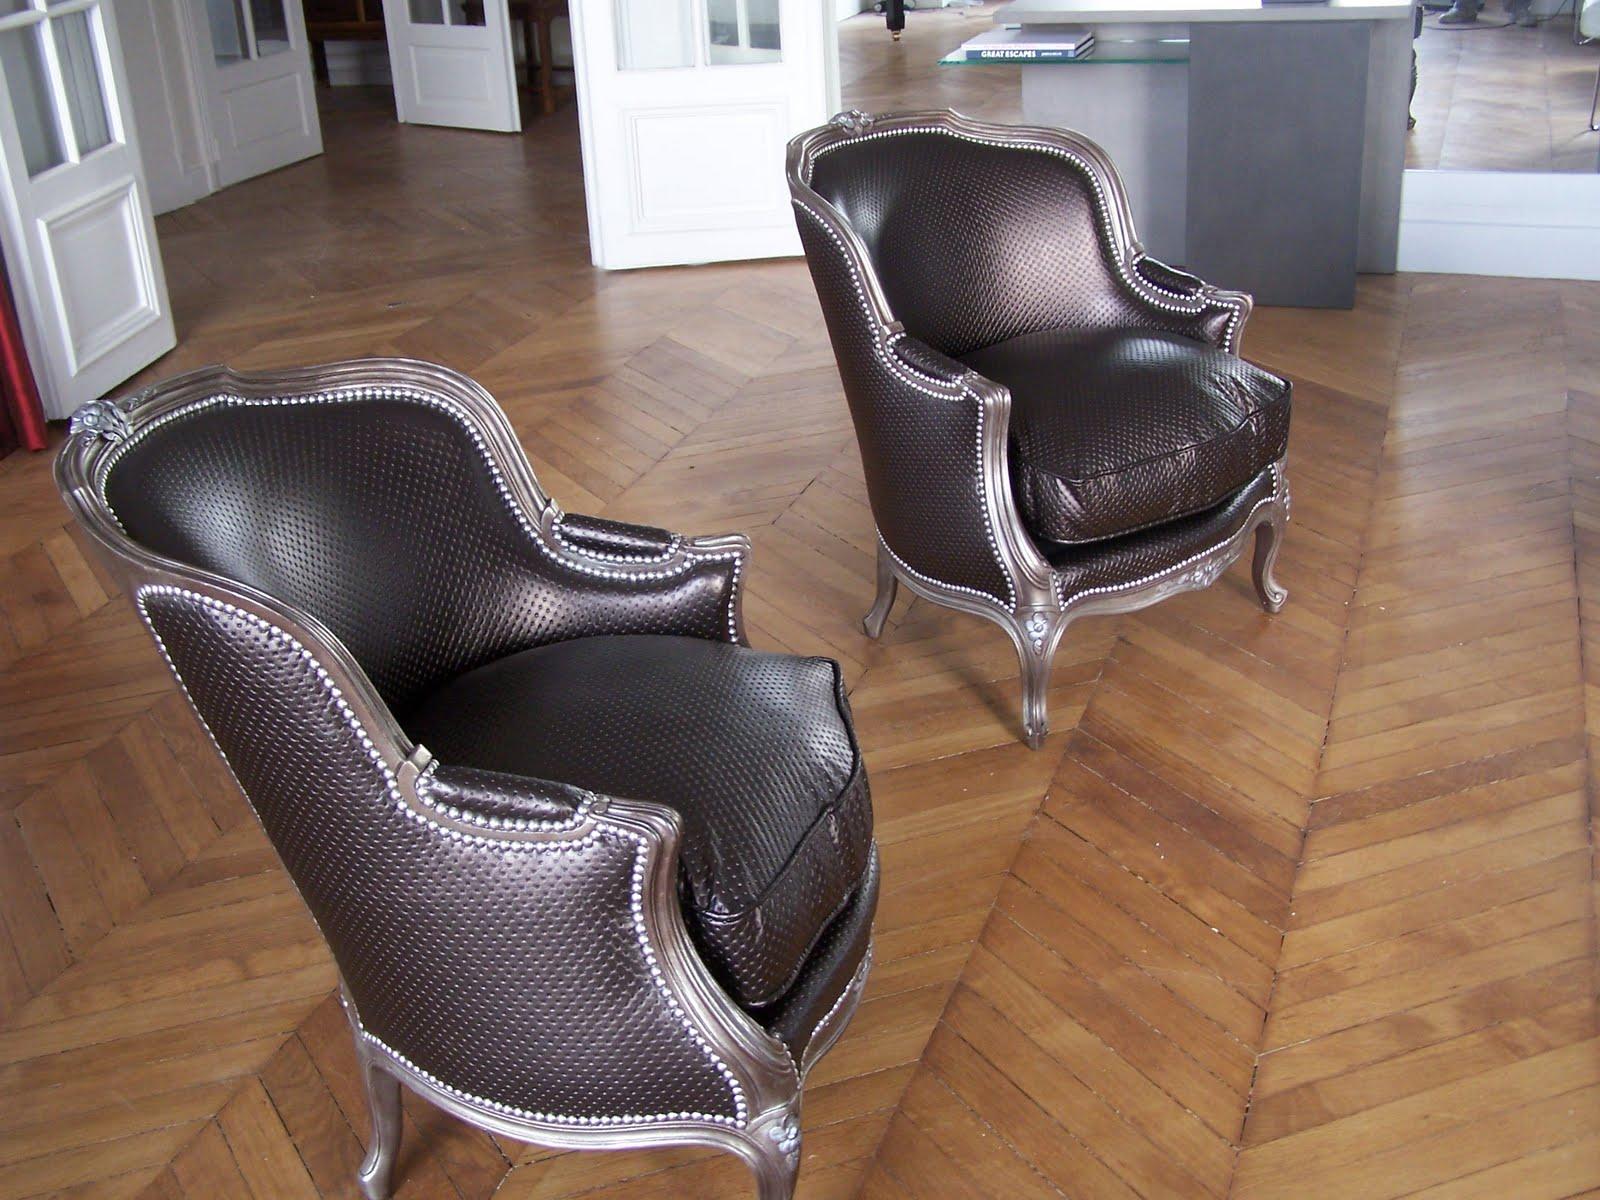 tapisserie ameublement et restauration mobilier juillet 2011. Black Bedroom Furniture Sets. Home Design Ideas